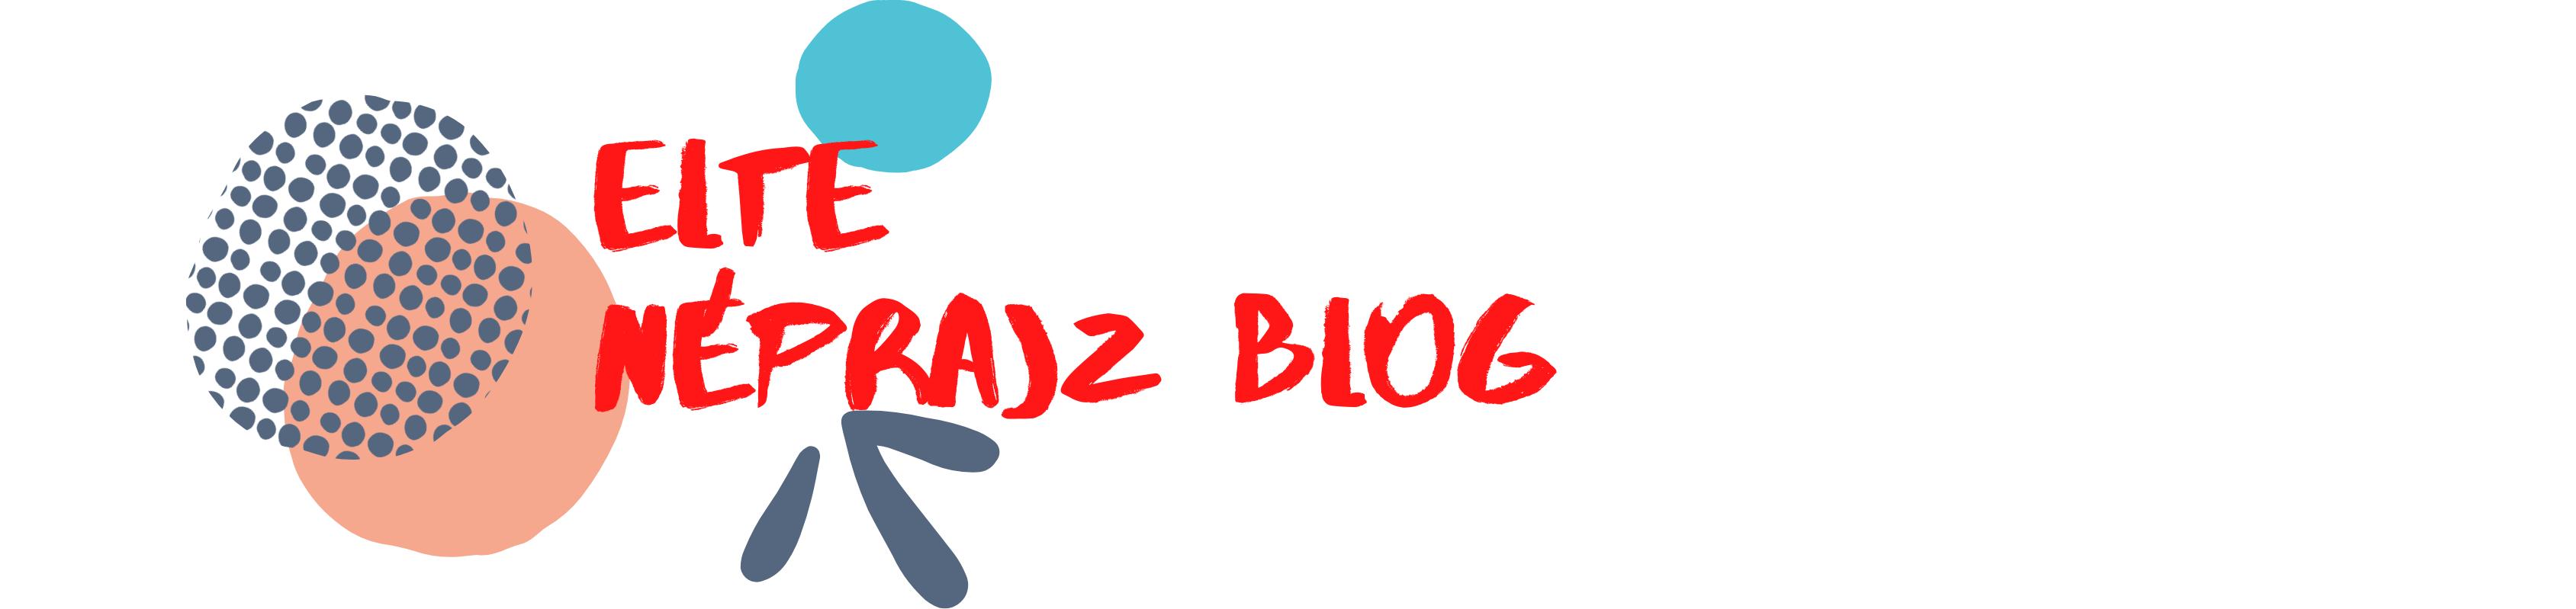 ELTE Néprajz Blog